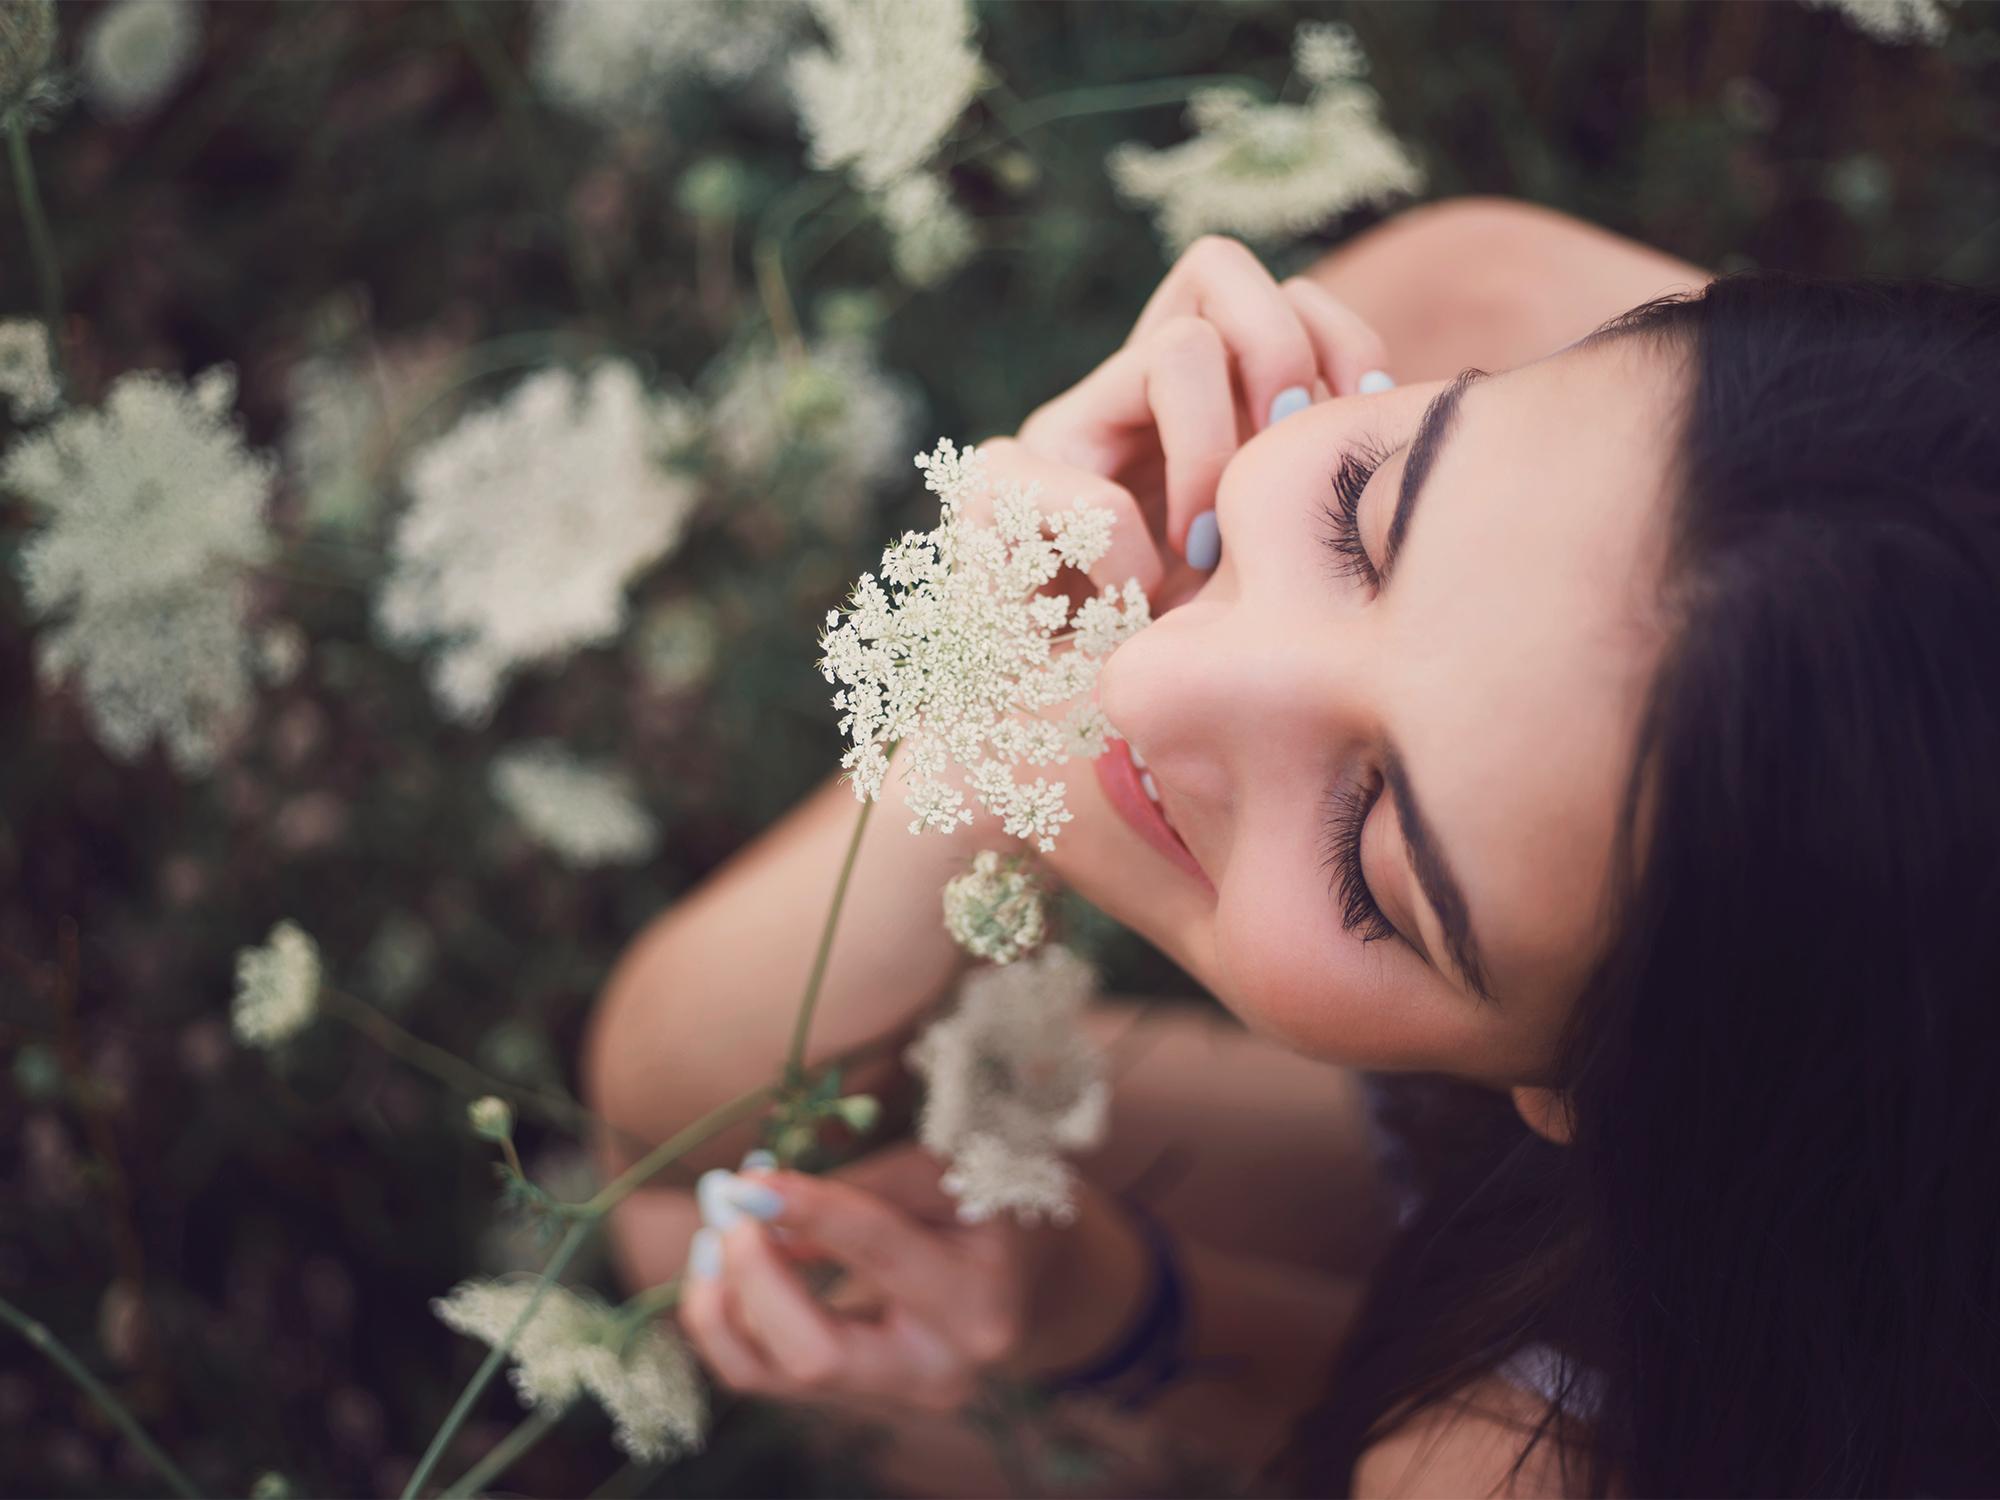 parfym sommarens dofter